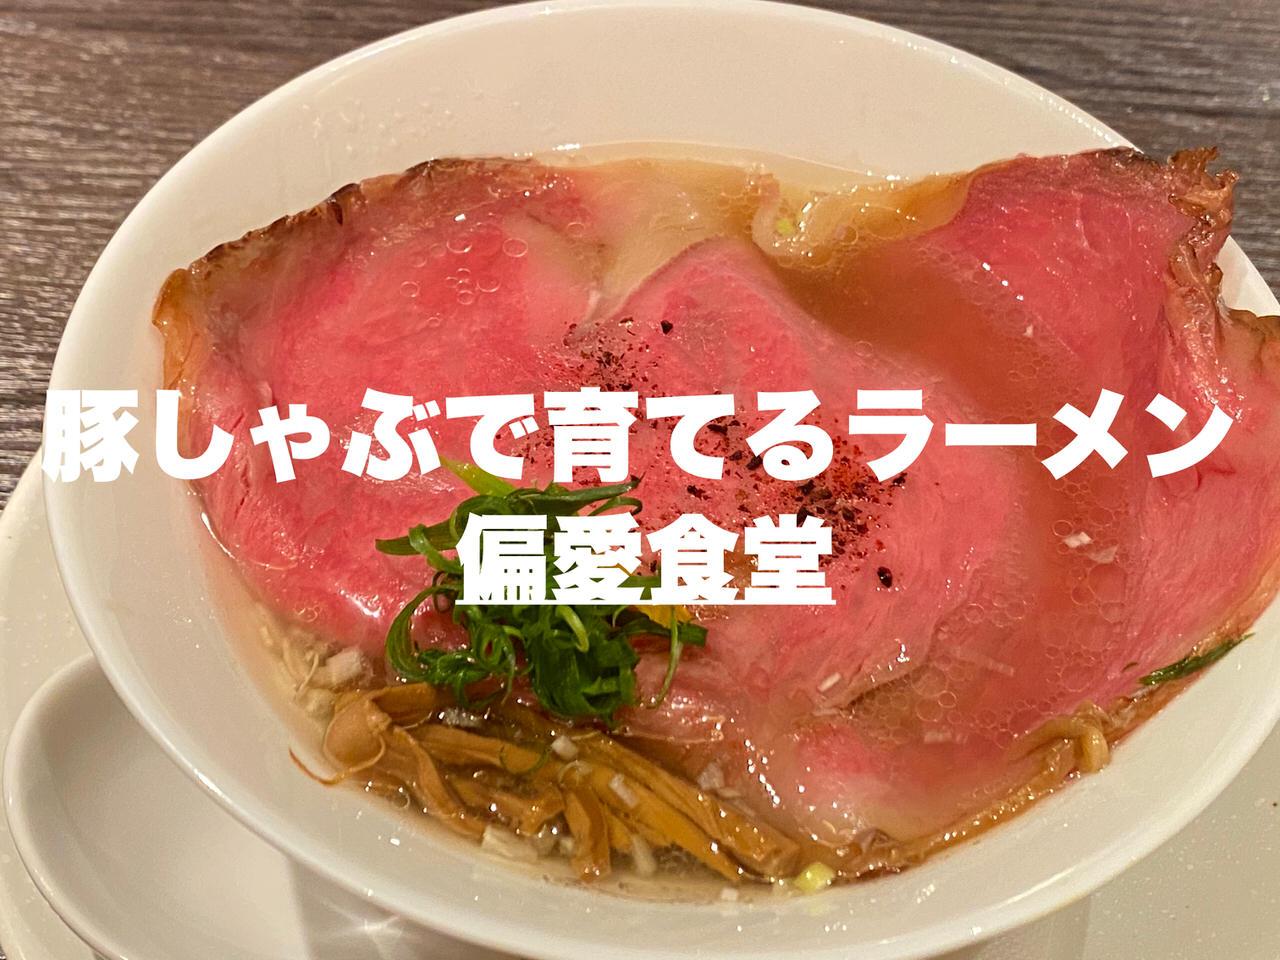 鍋ごとに味が違う!豚しゃぶでスープを育てる究極の体験型ラーメン「進化系クリア豚骨ラーメン」(渋谷) #提供